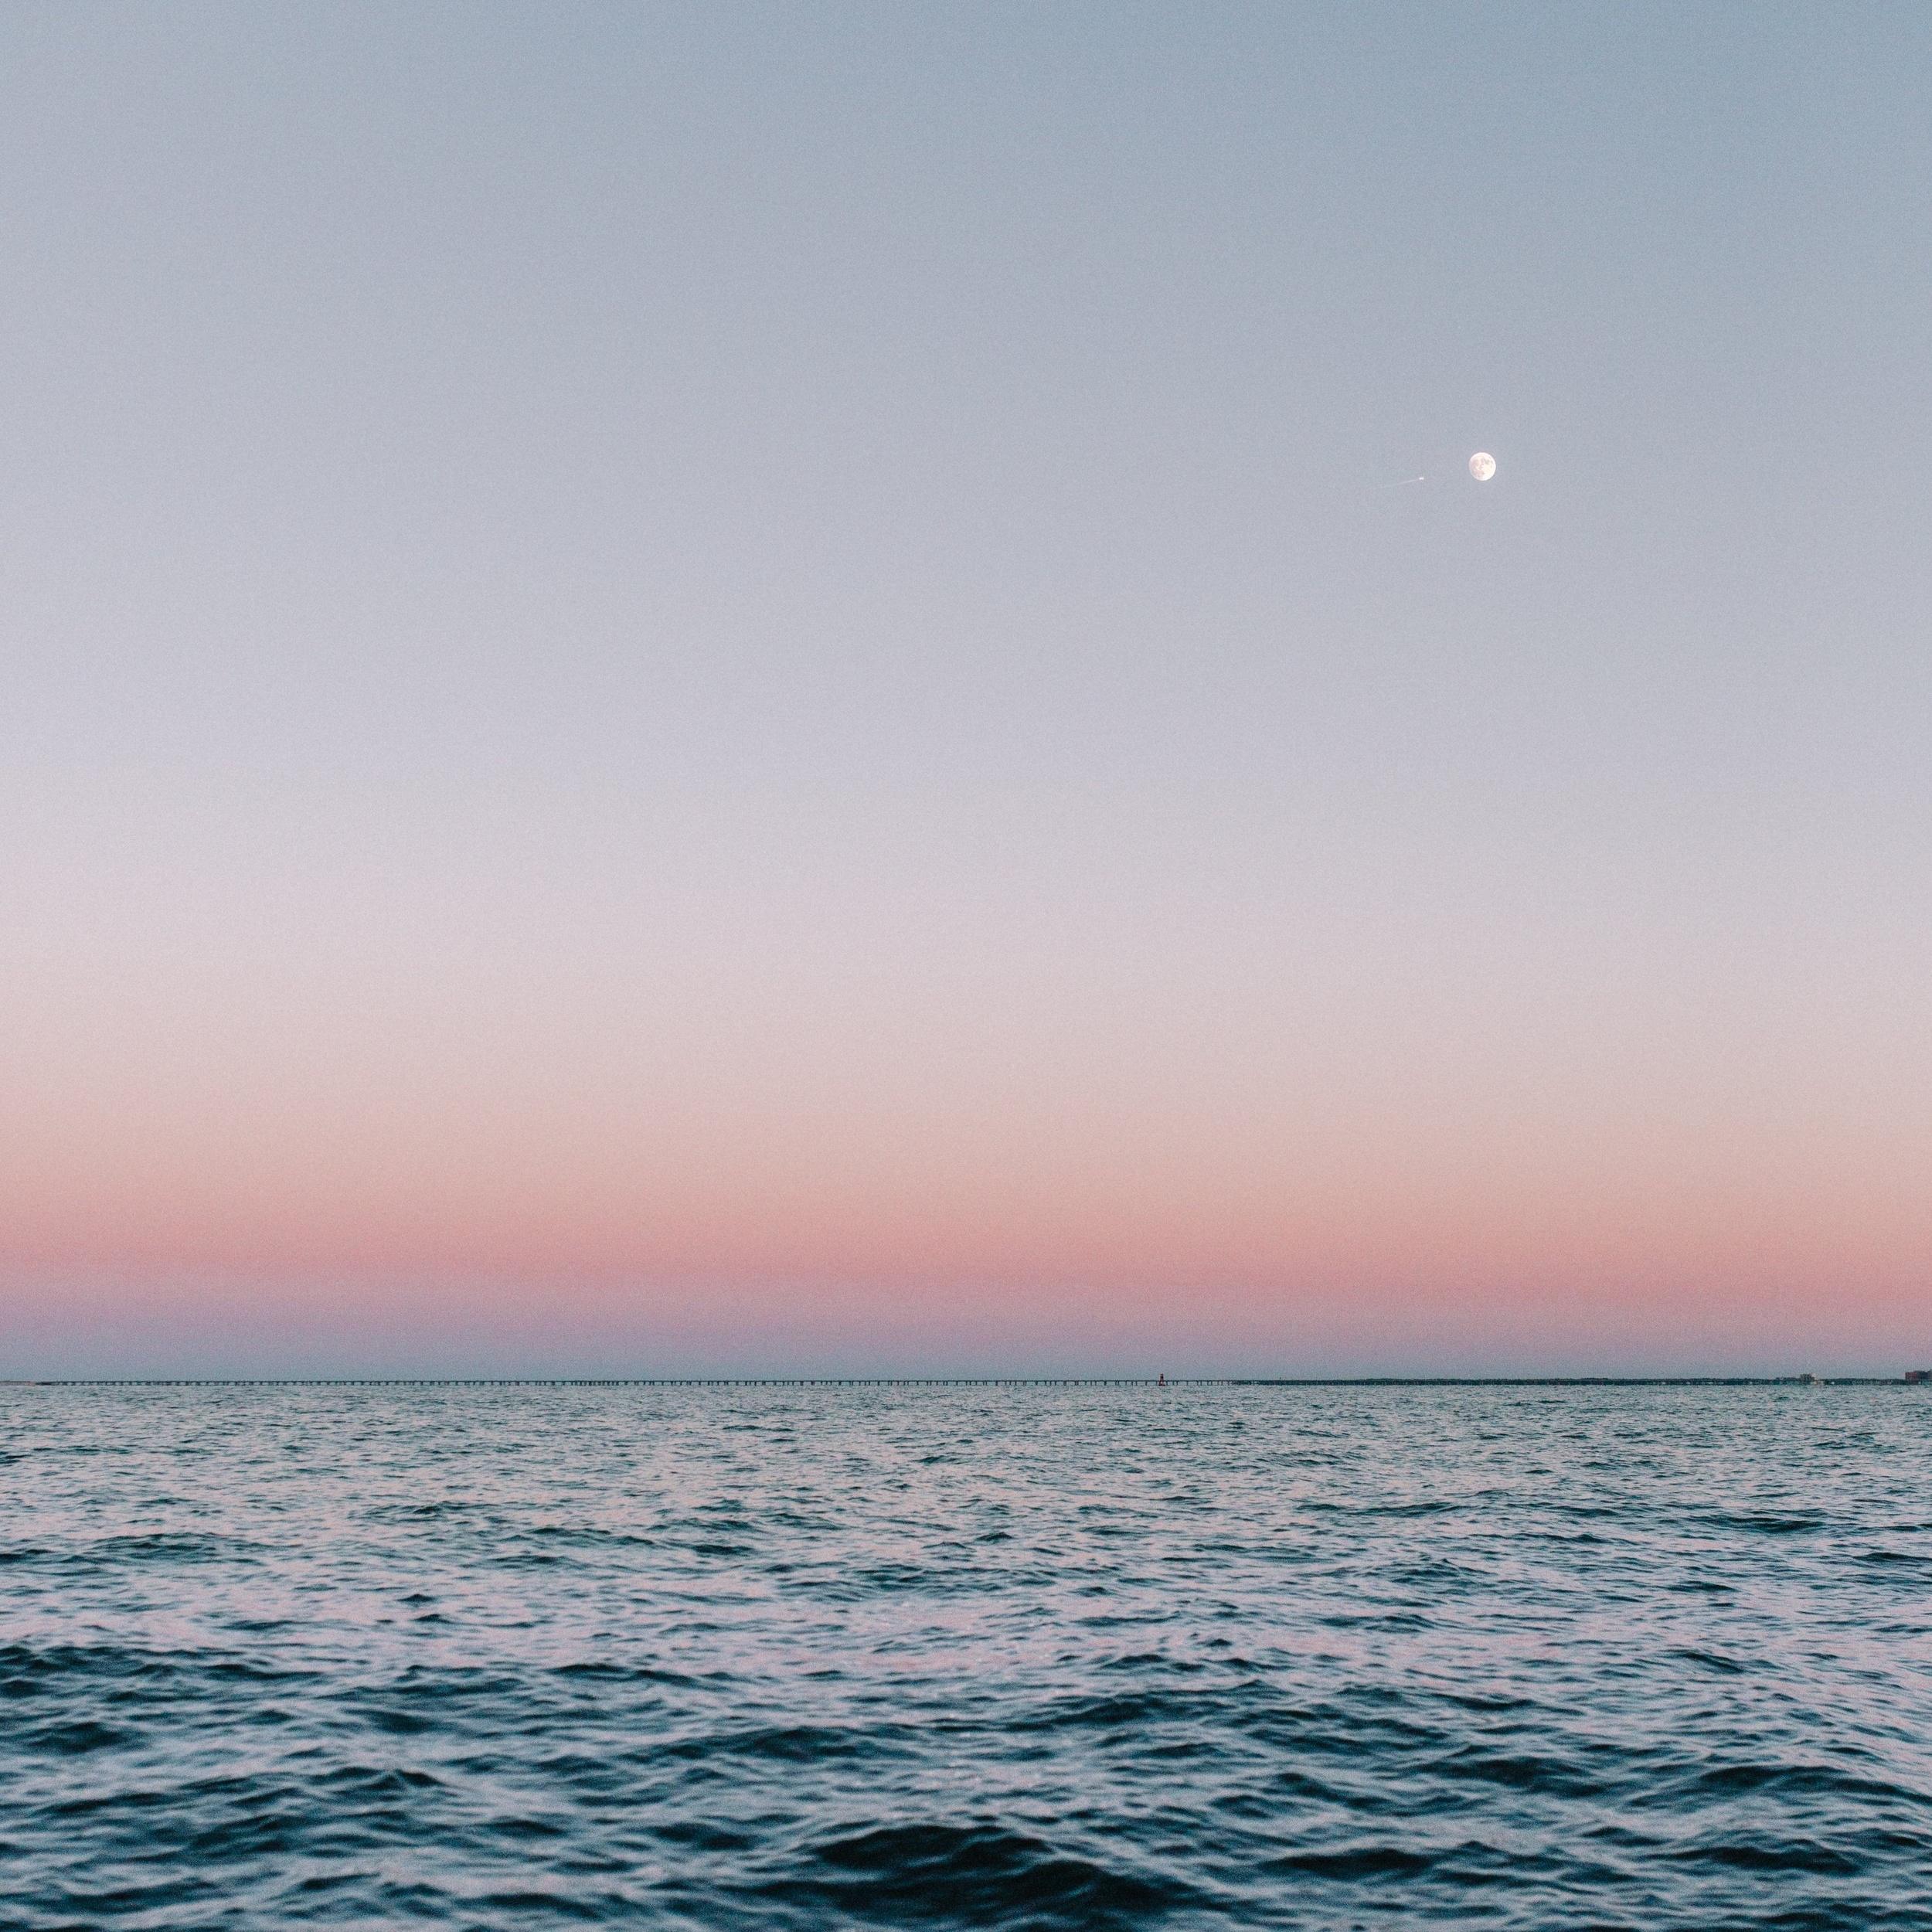 beach-calm-dawn-2248523.jpg